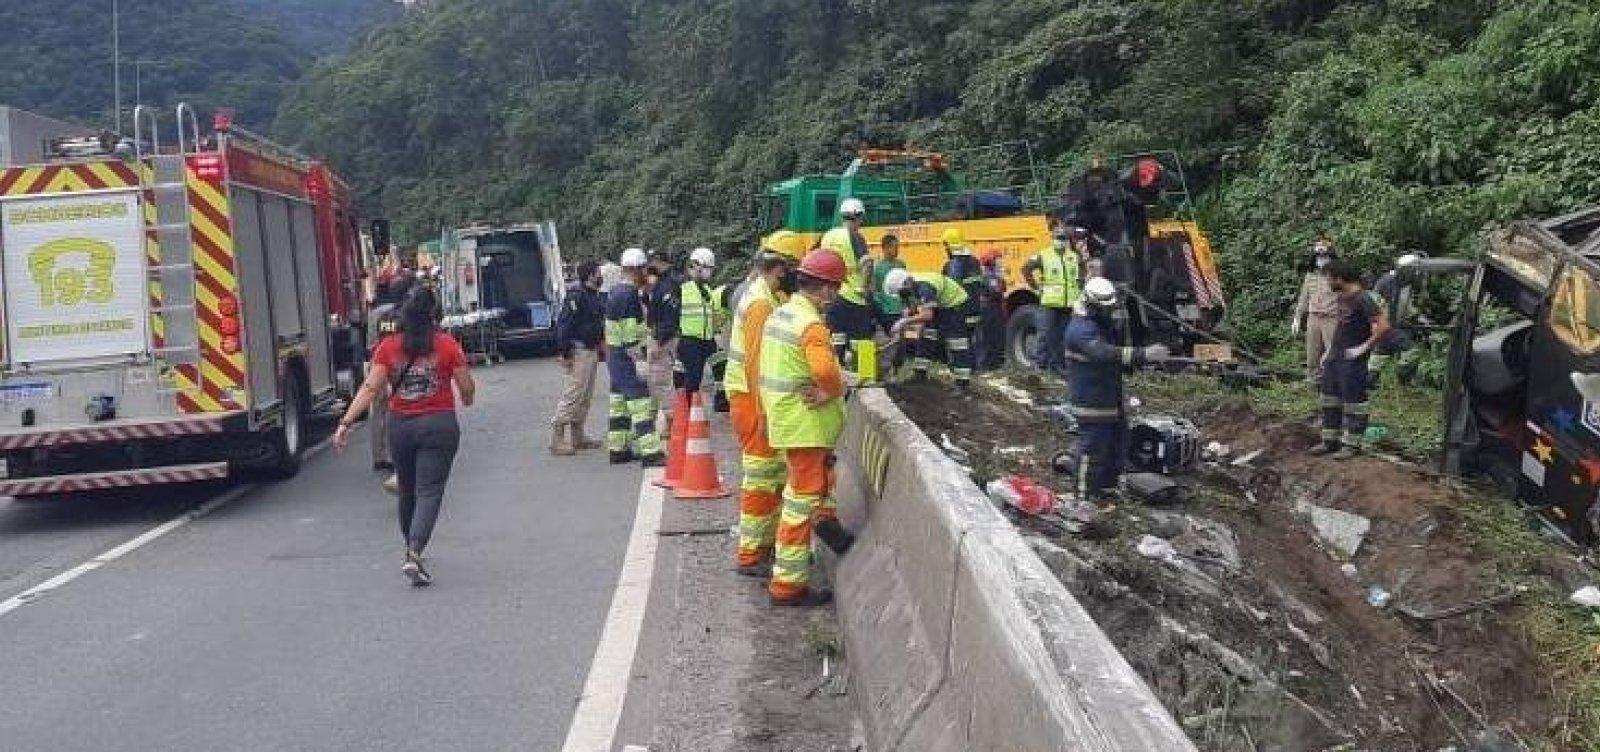 [Acidente com ônibus de turismo no Paraná deixa ao menos 21 mortos e 33 feridos ]